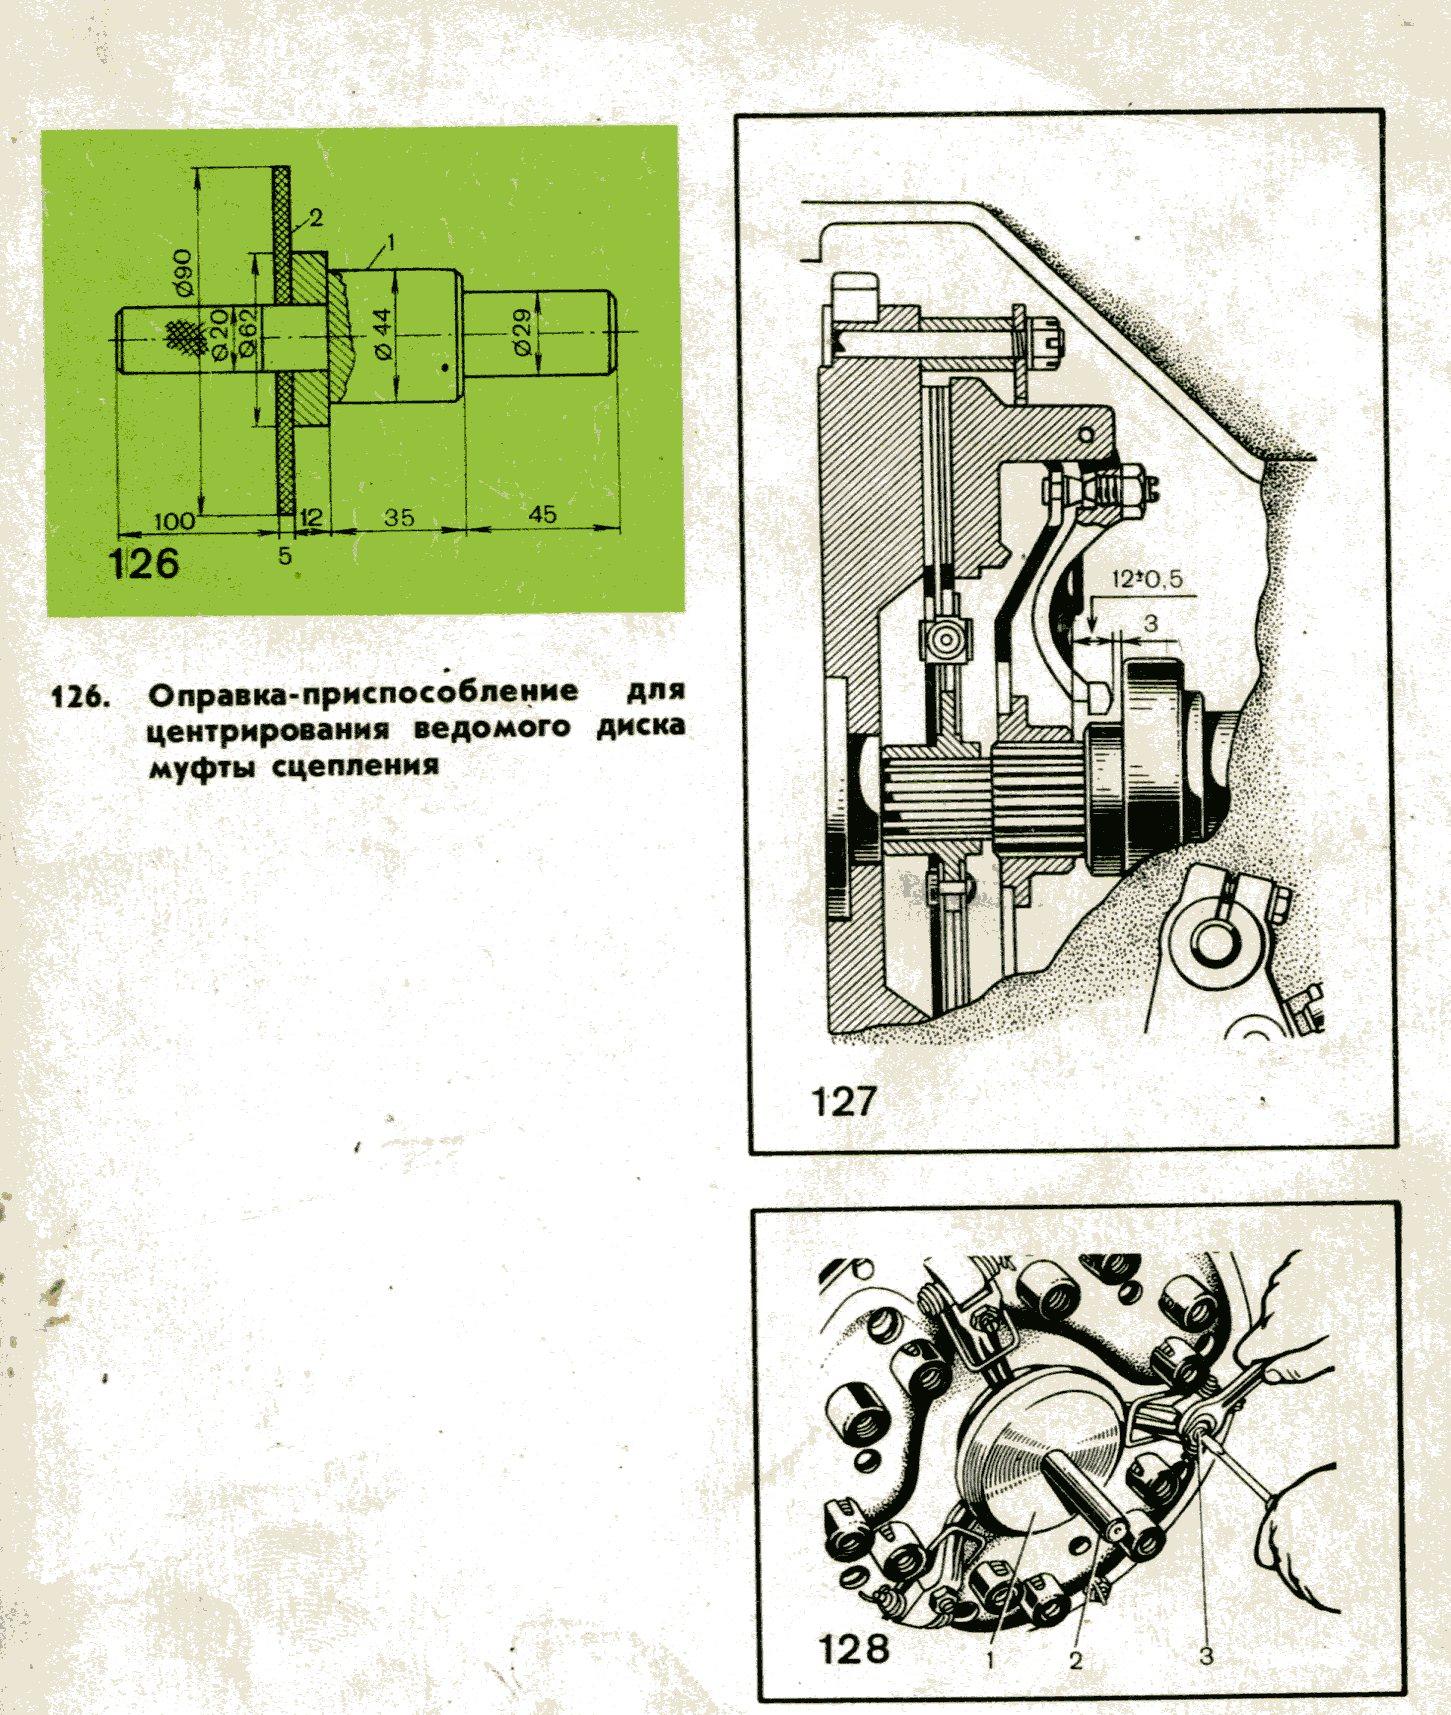 диск нажимного сцепления камаз чертеж и схема